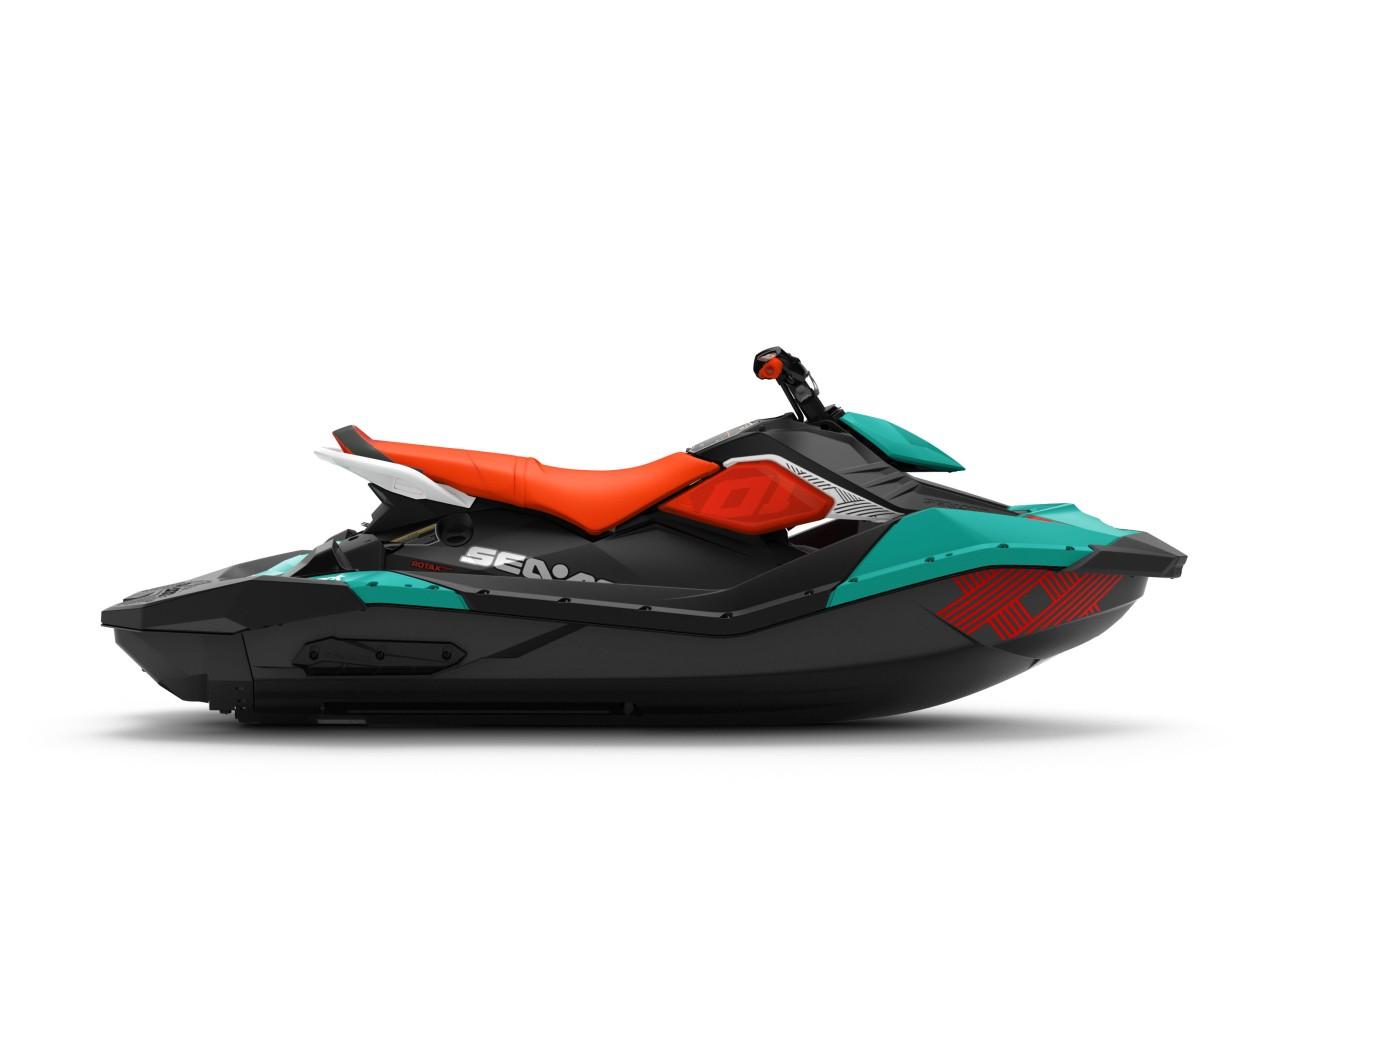 Manuales de Taller , servicio, despiece, usuario motos de Agua- Jet Ski Sea Doo en pdf